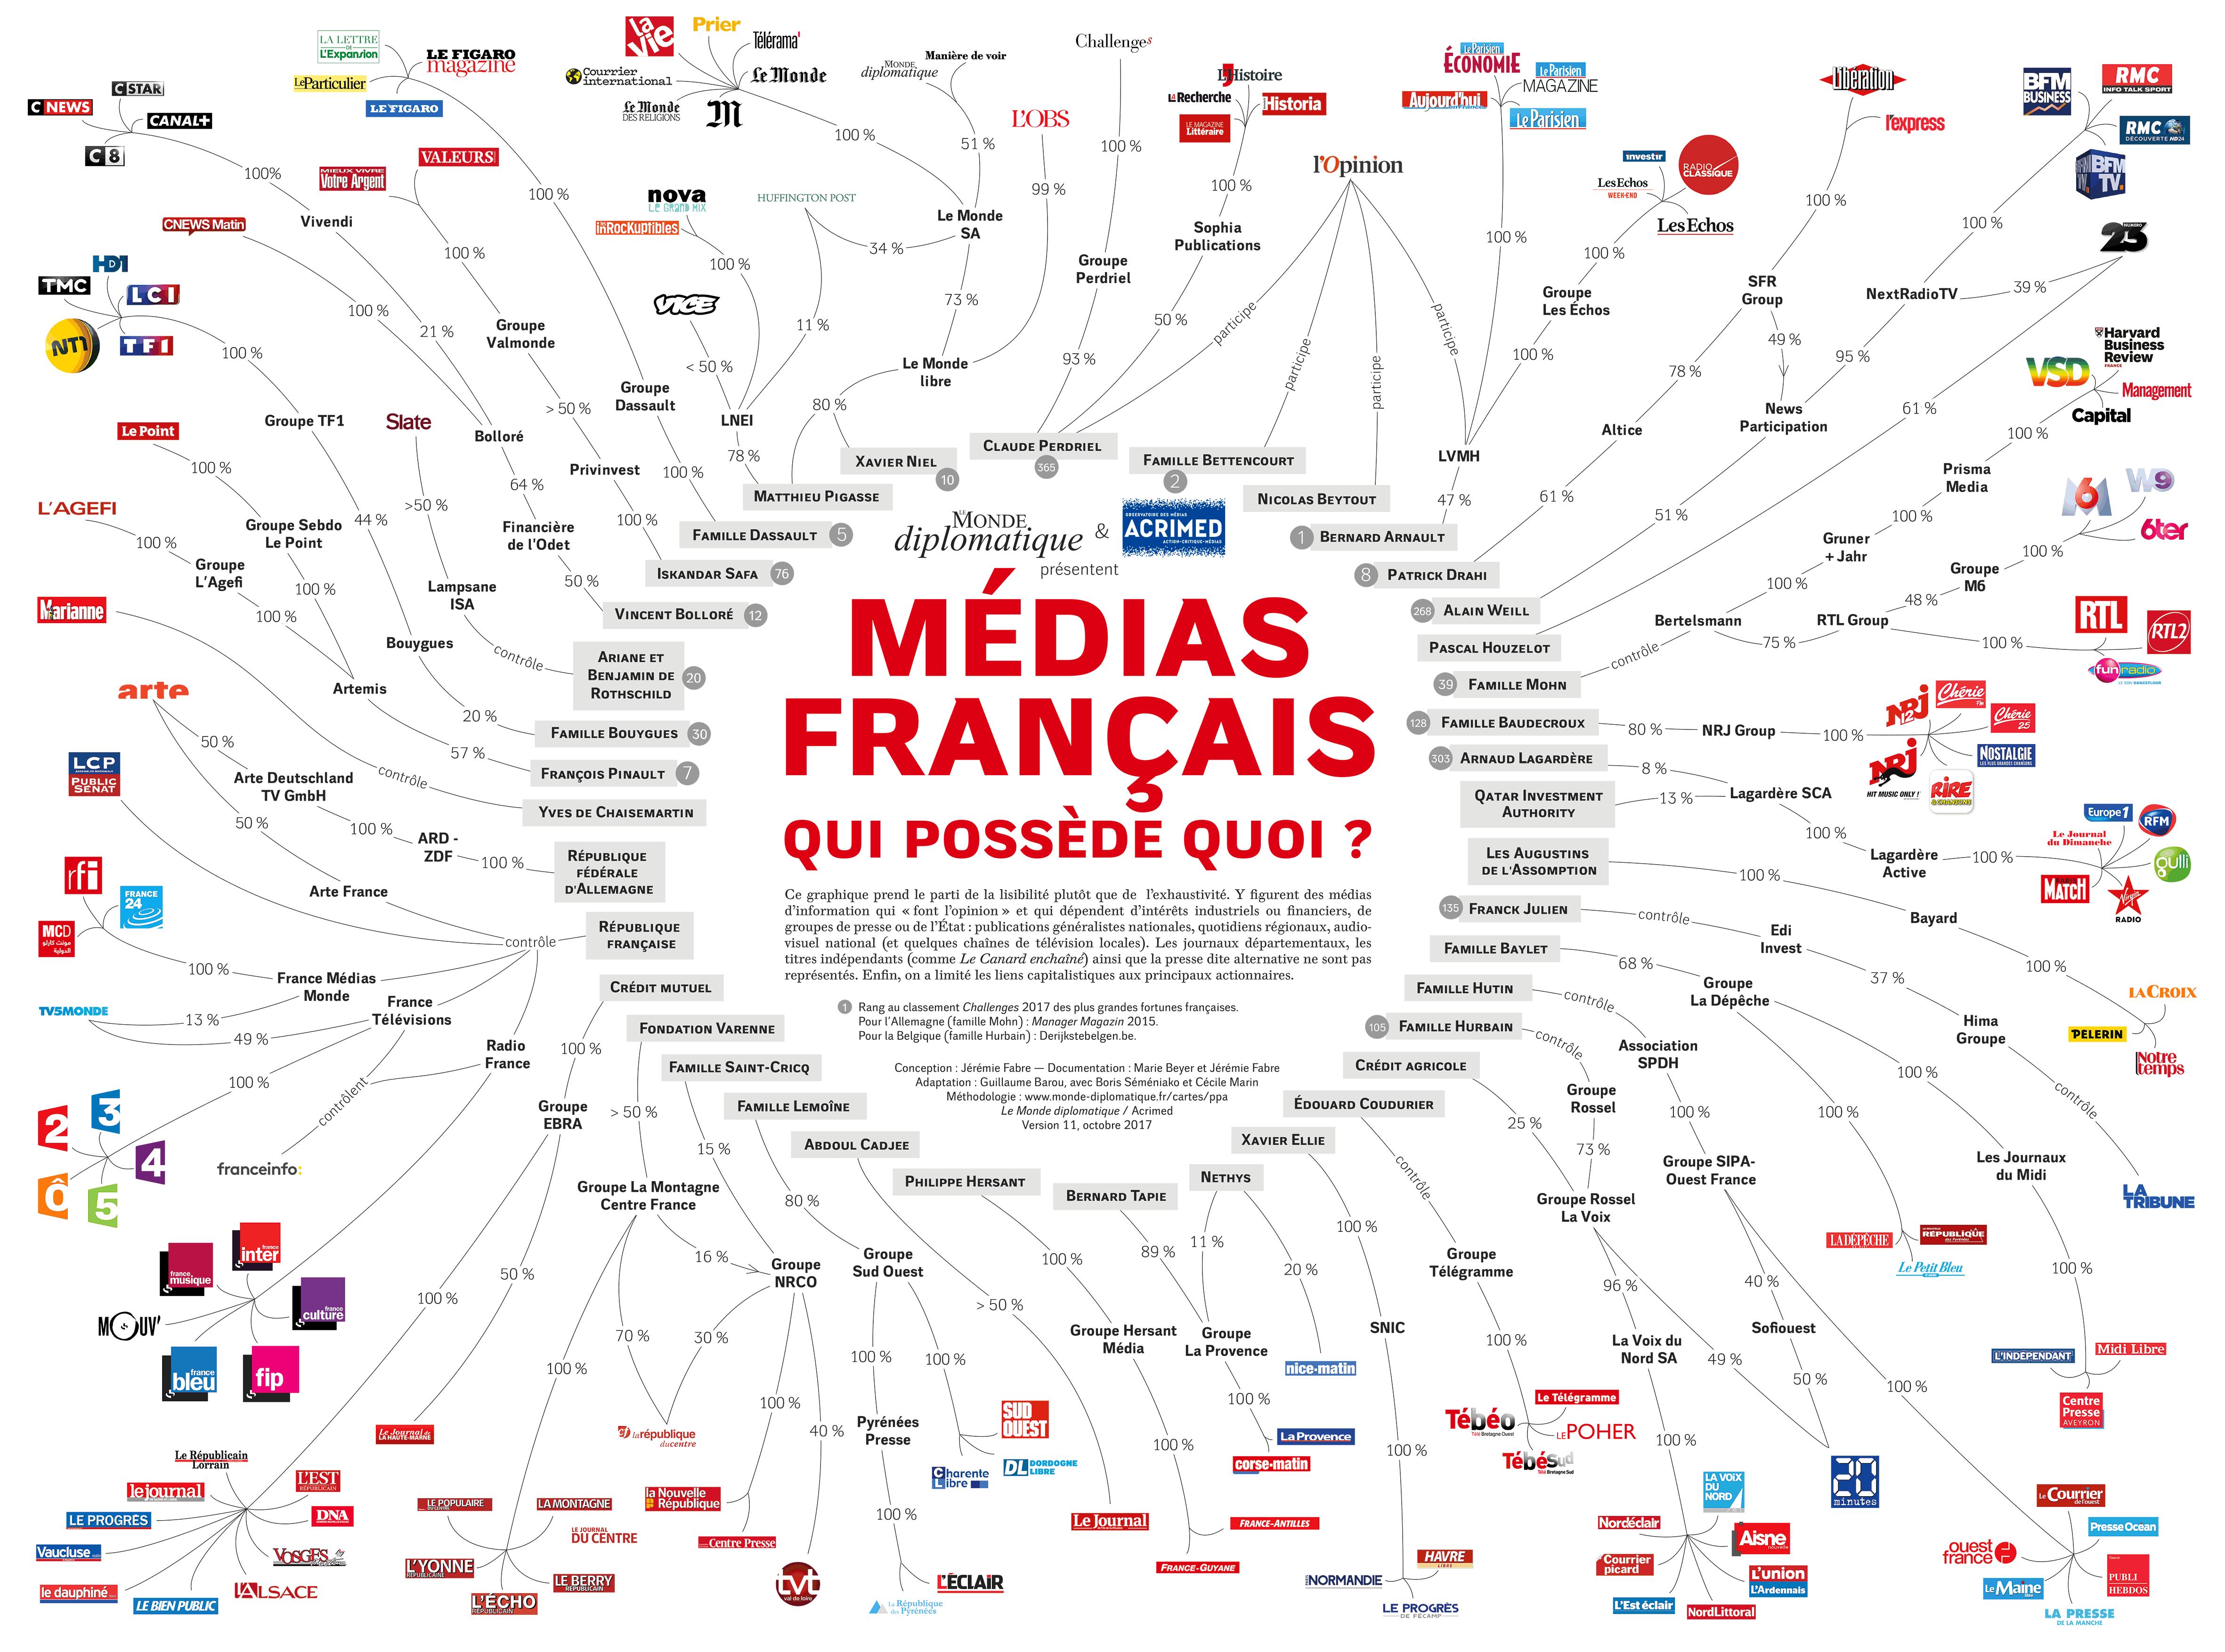 Médias français, qui possède quoi ? Médias, France et